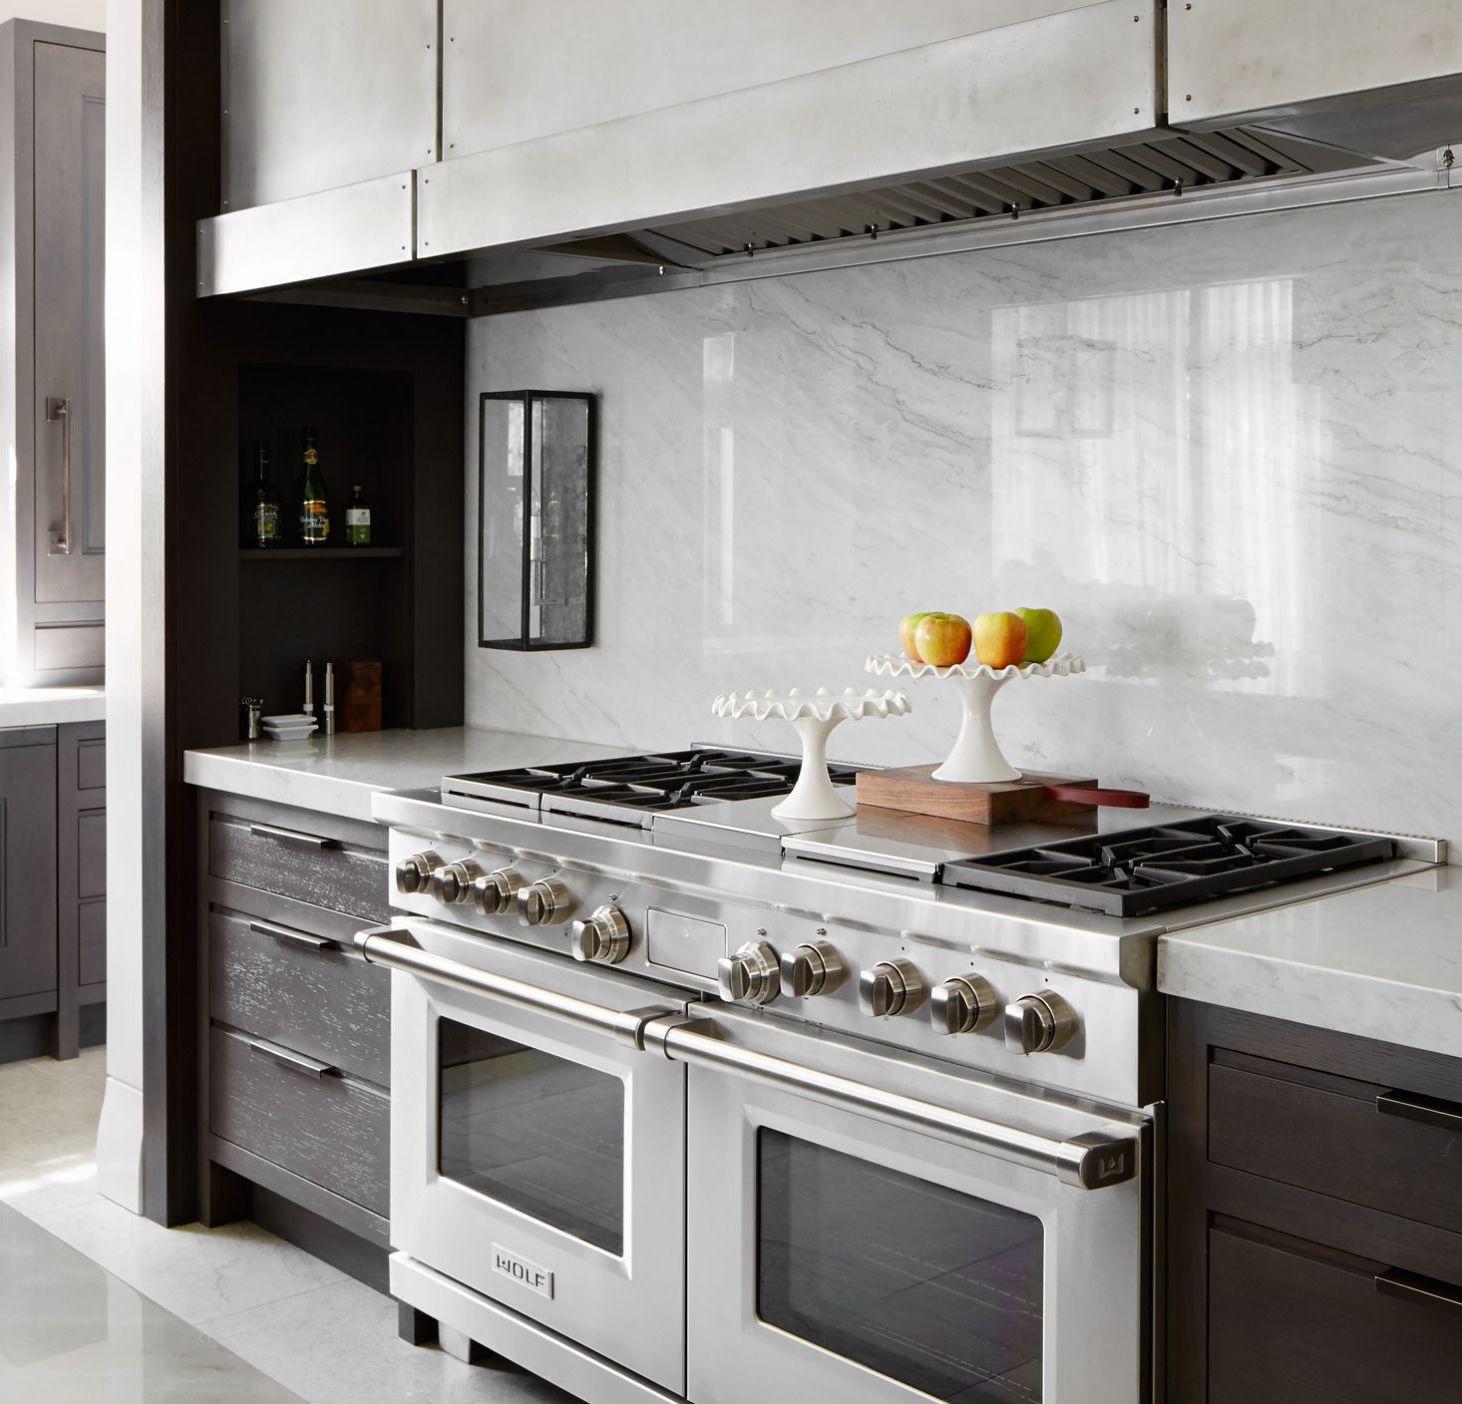 ObrienHarris Kitchen_wide hood.jpg